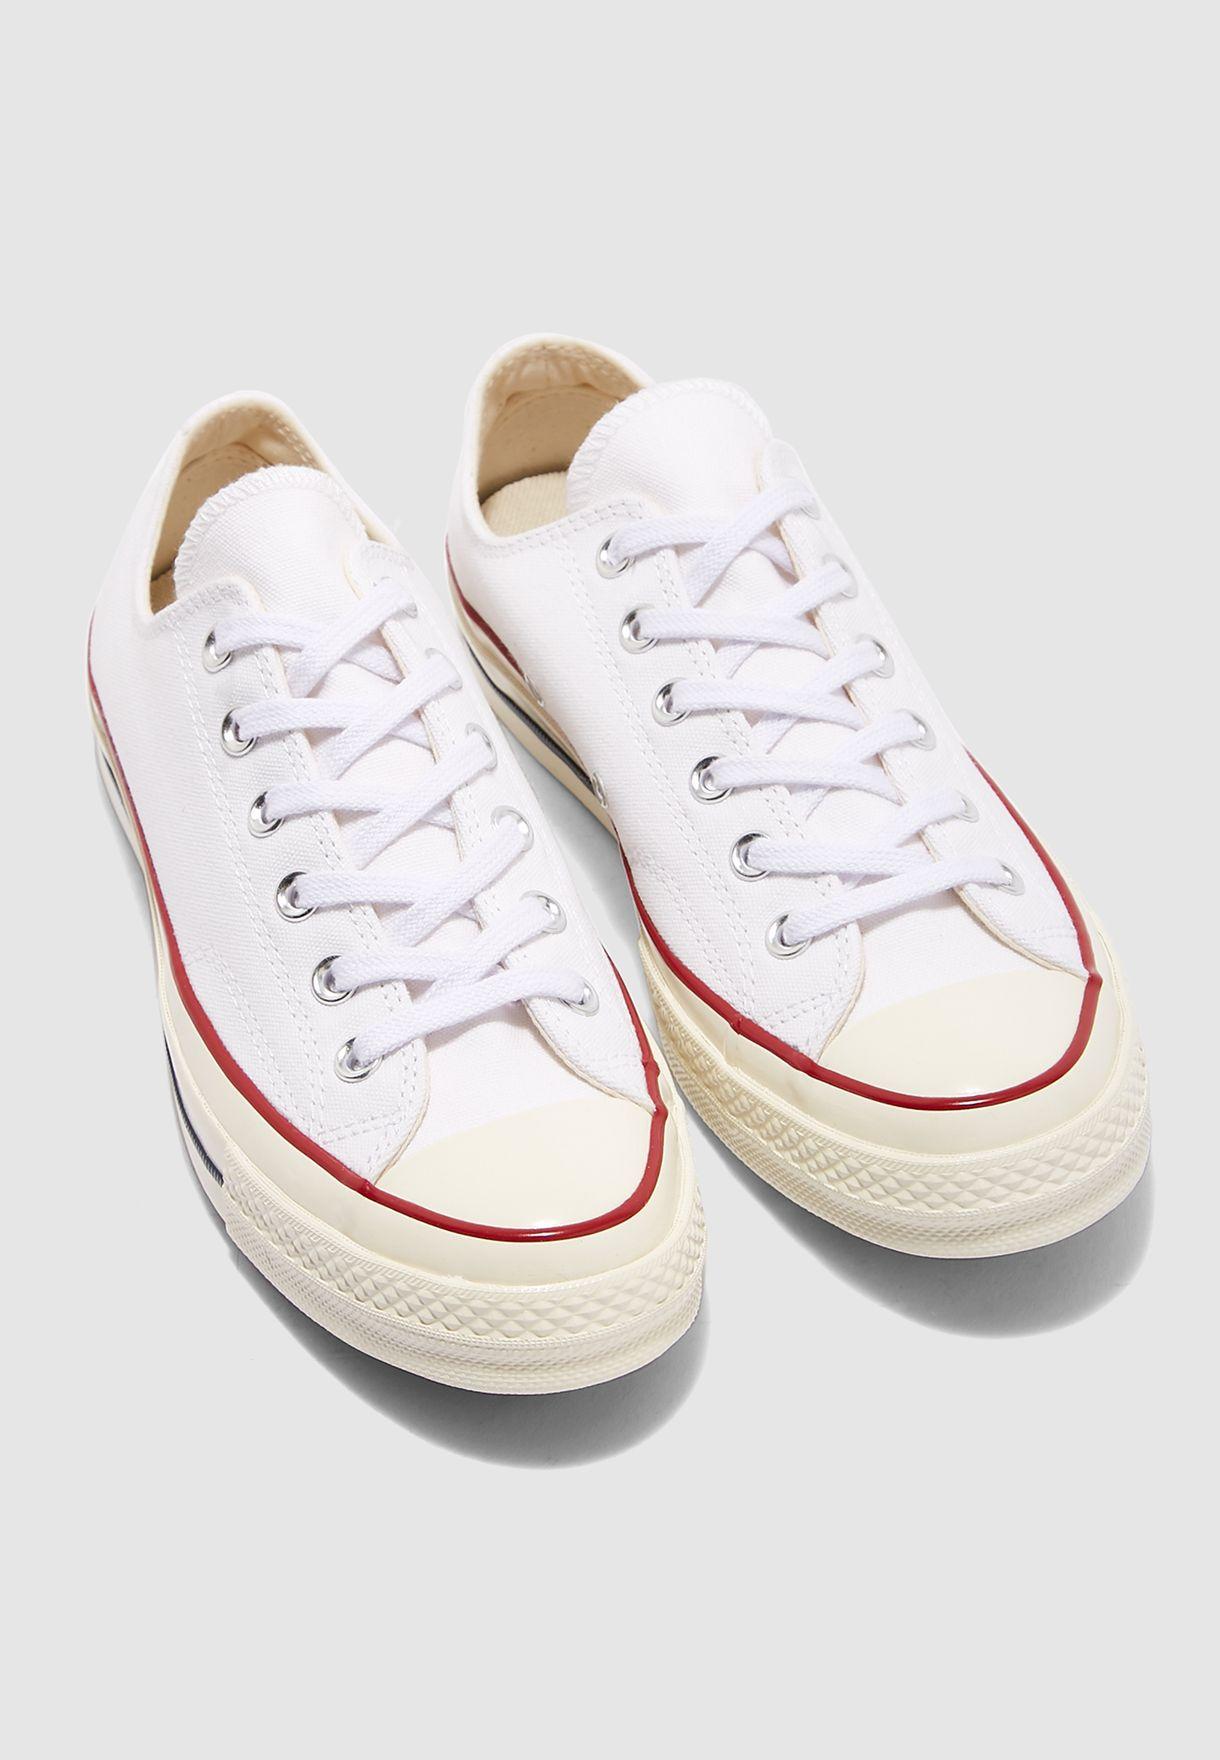 حذاء شاك تايلور اول ستار 70